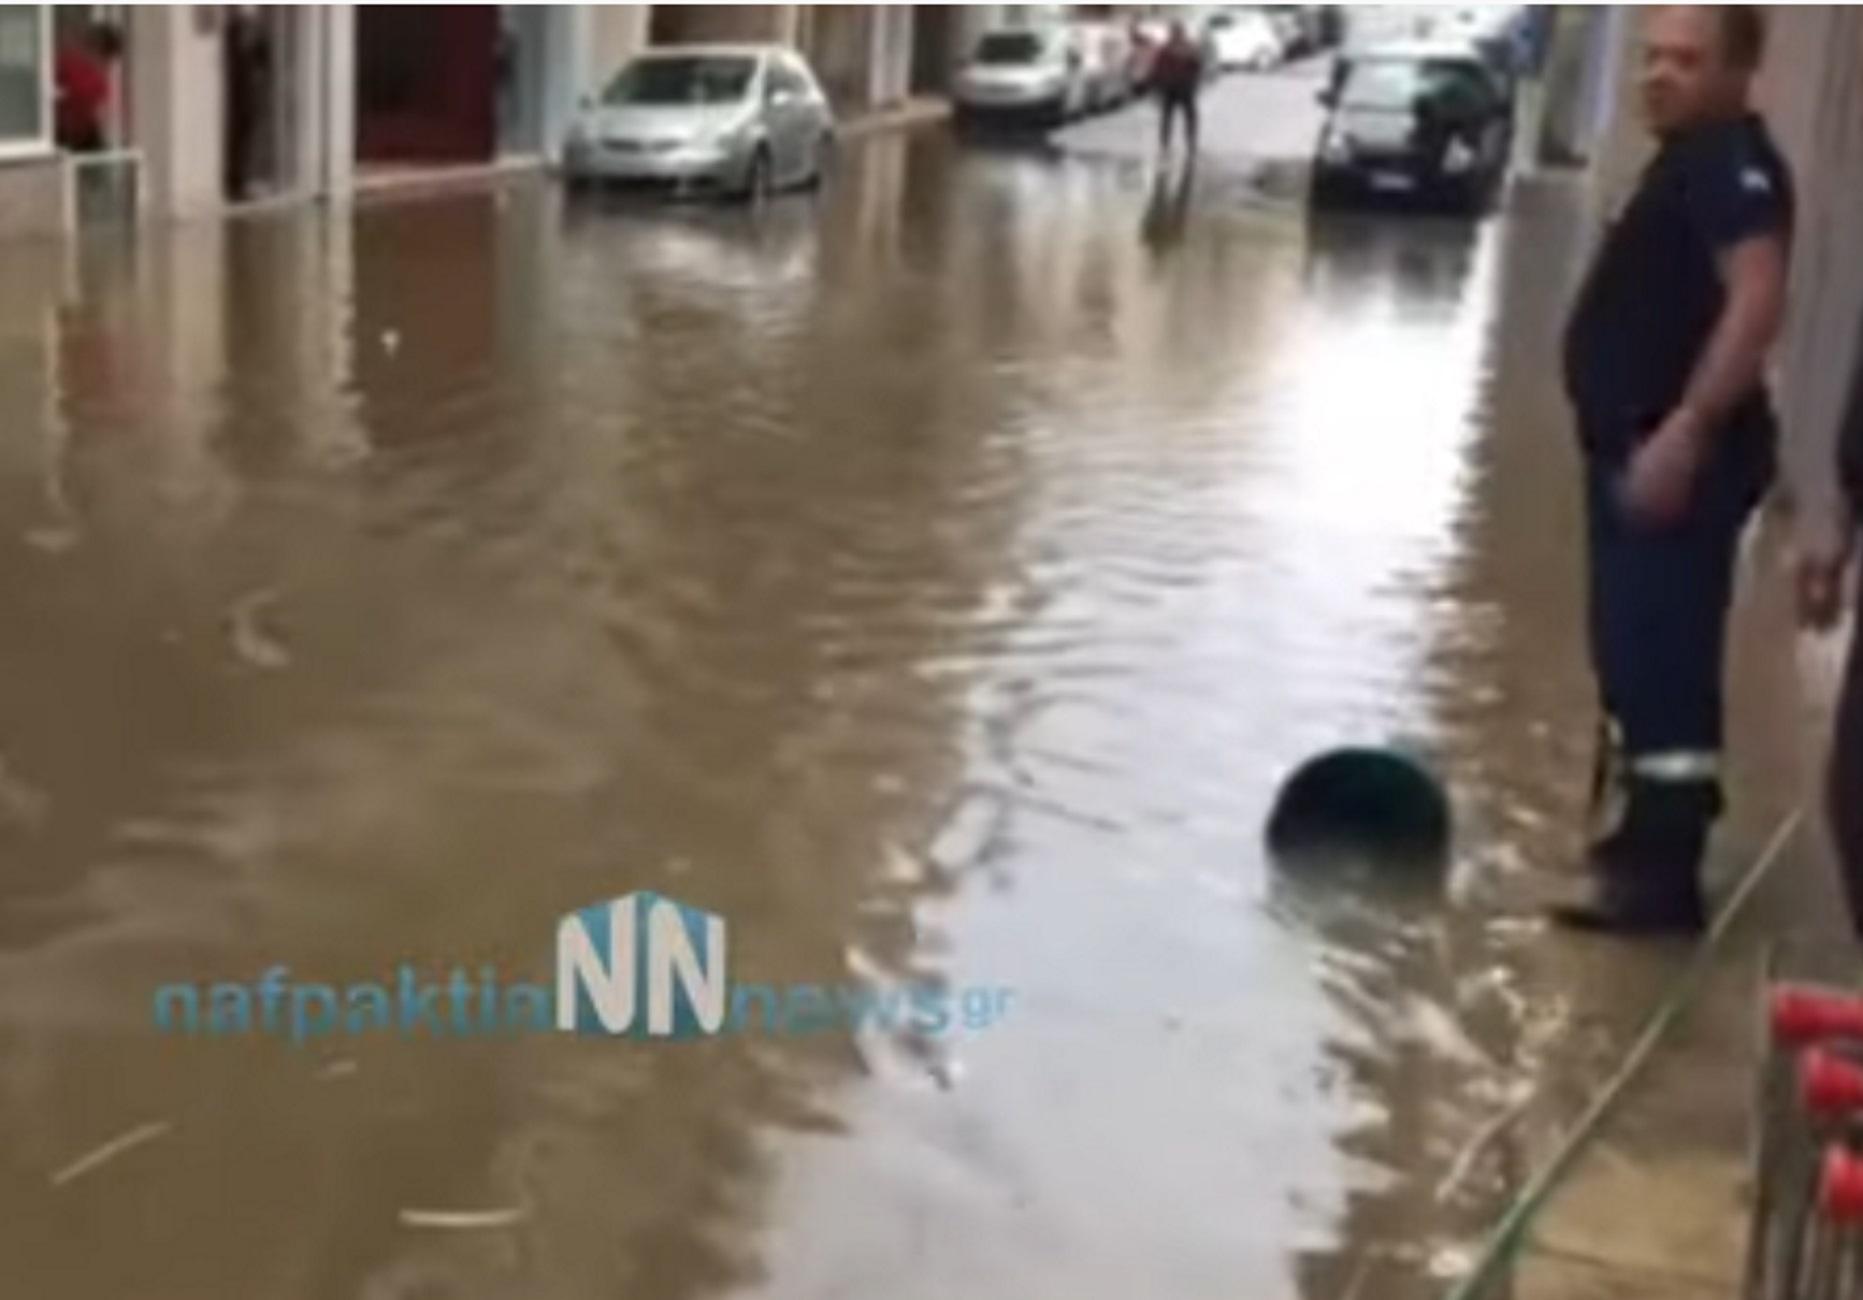 Ναύπακτος: Πλημμύρες και άνθρωποι εγκλωβισμένοι! Αυτοψία σε δρόμους που θυμίζουν… Βενετία (Βίντεο)